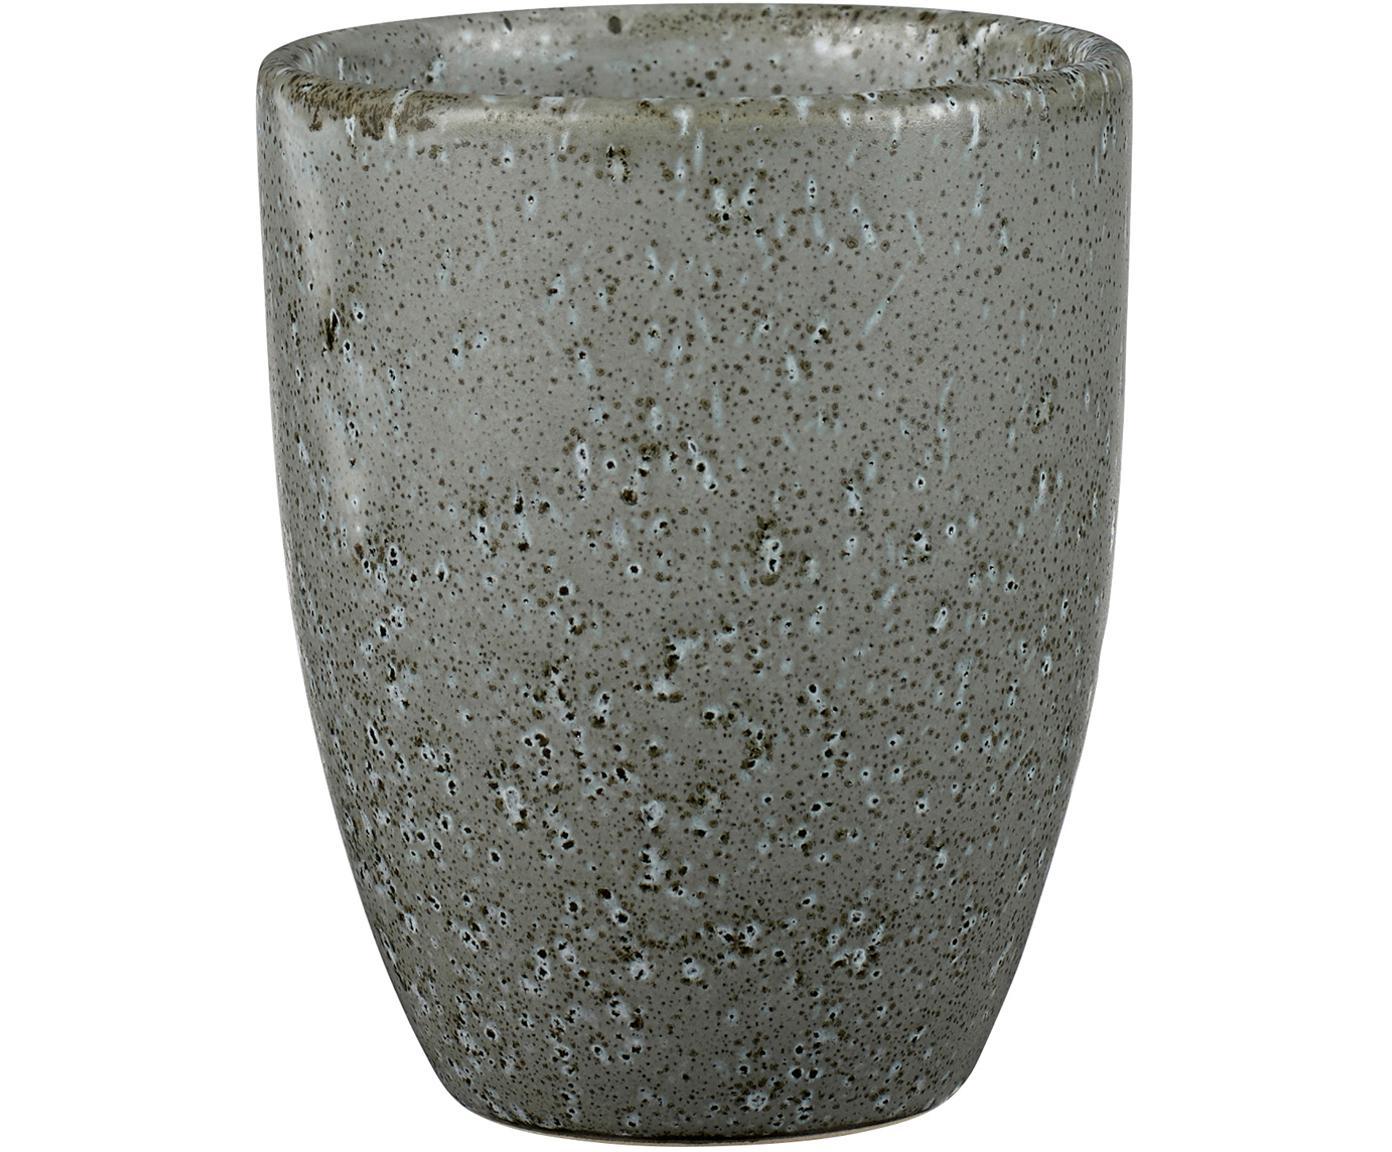 Kubek Stone, 2 szt., Kamionka szkliwiona, Szary, Ø 8 x 10 cm